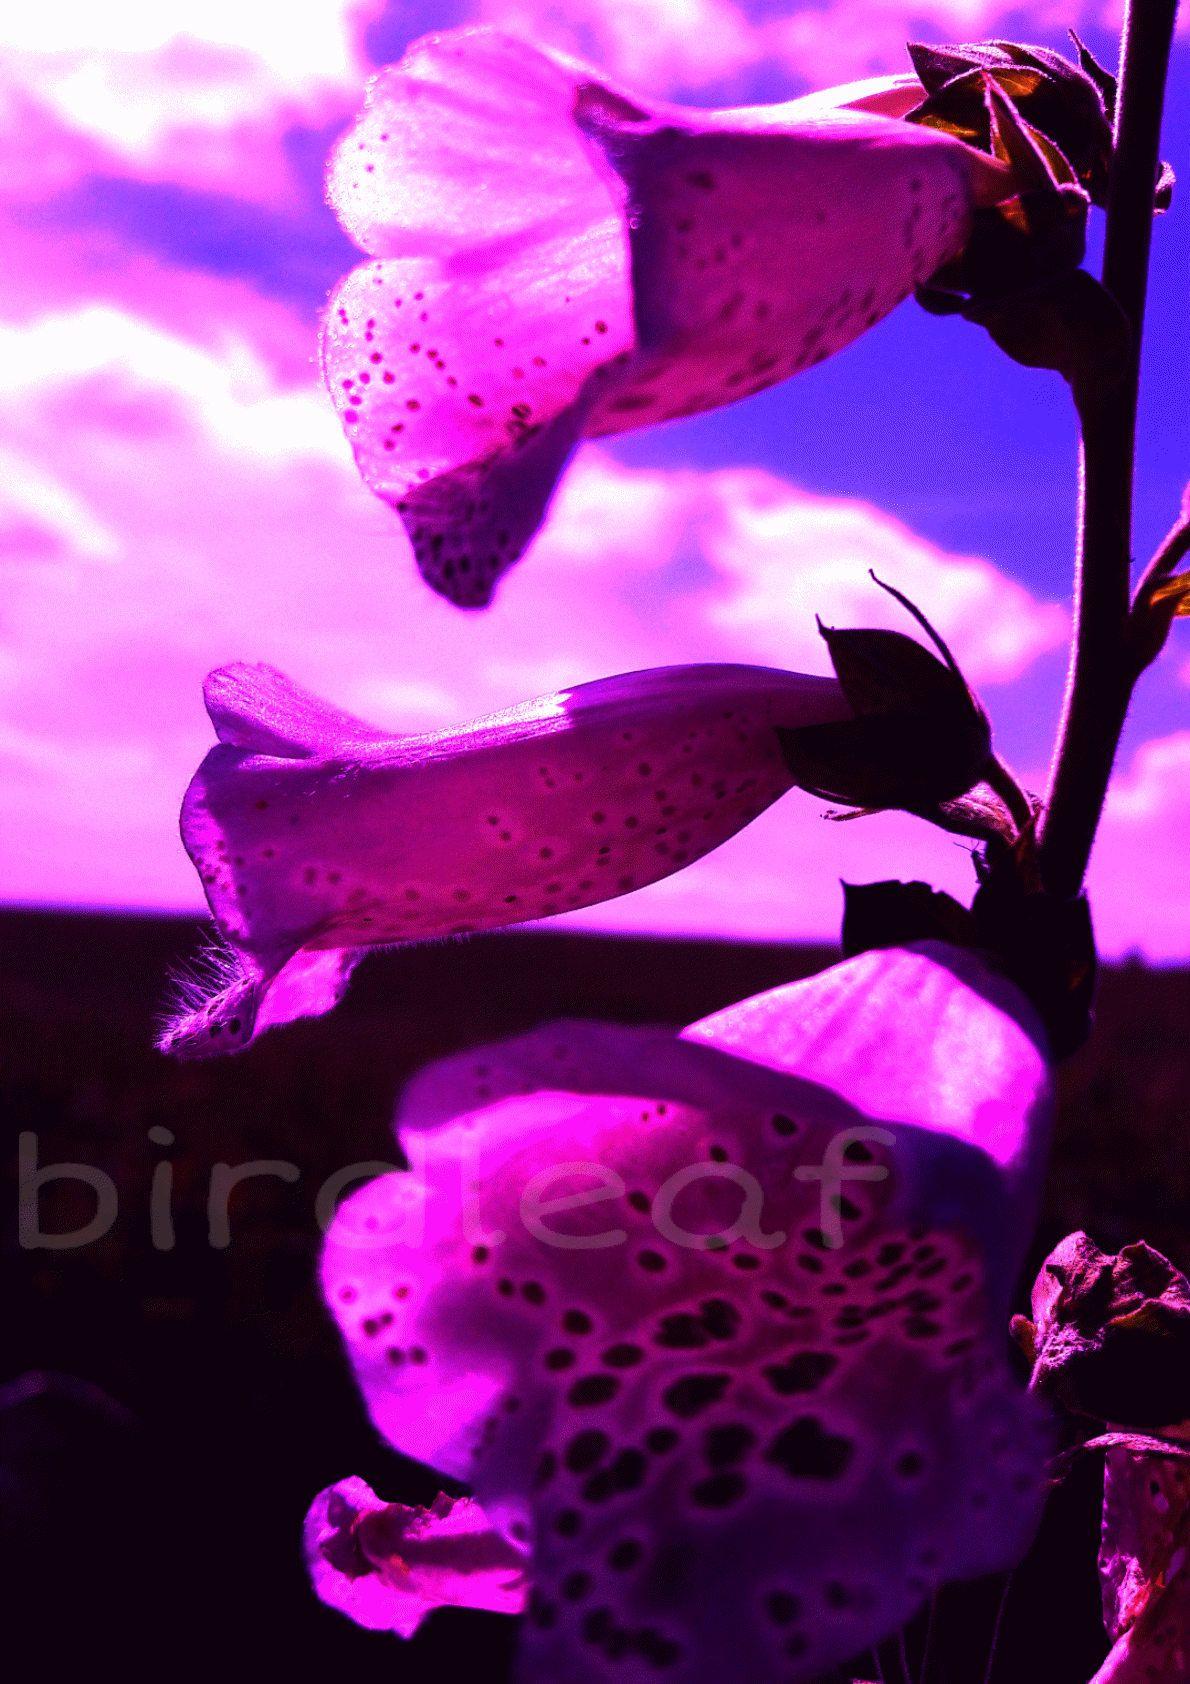 Garden wall art flowers  foxglovedigital downloadplantspink summer scenepatio garden